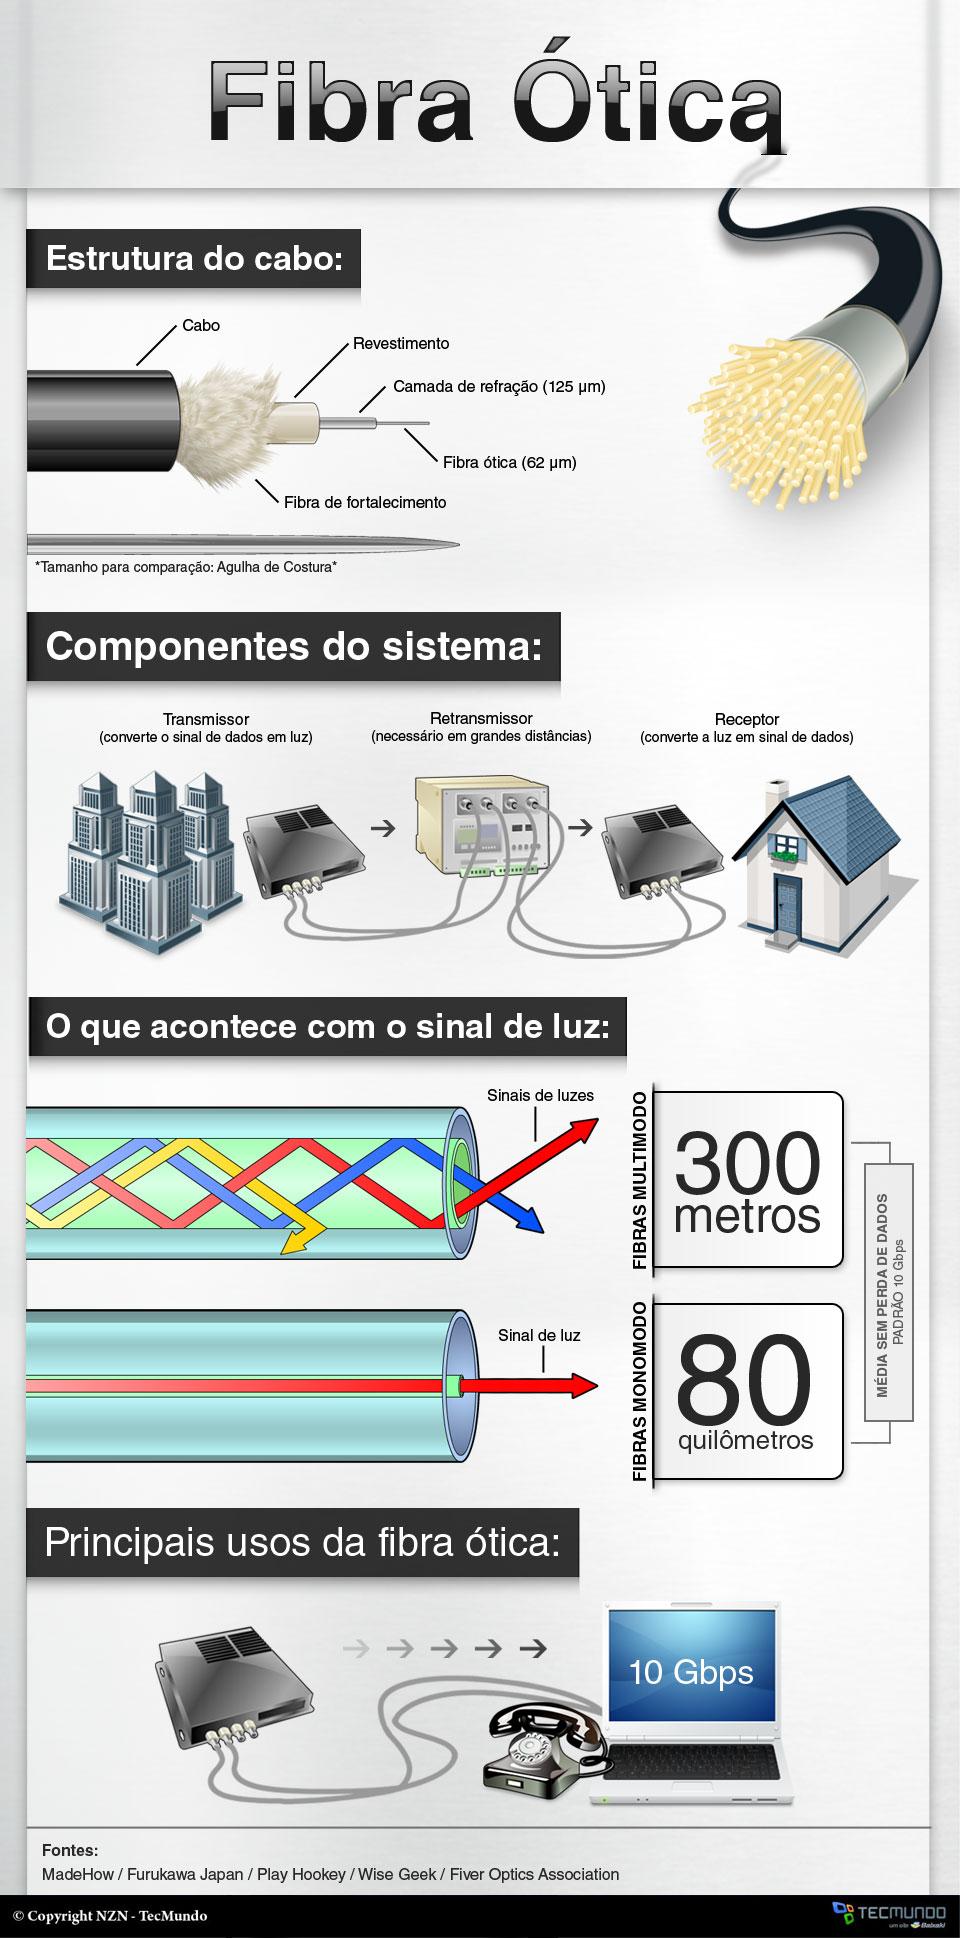 Como funciona a fibra ótica [infográfico]